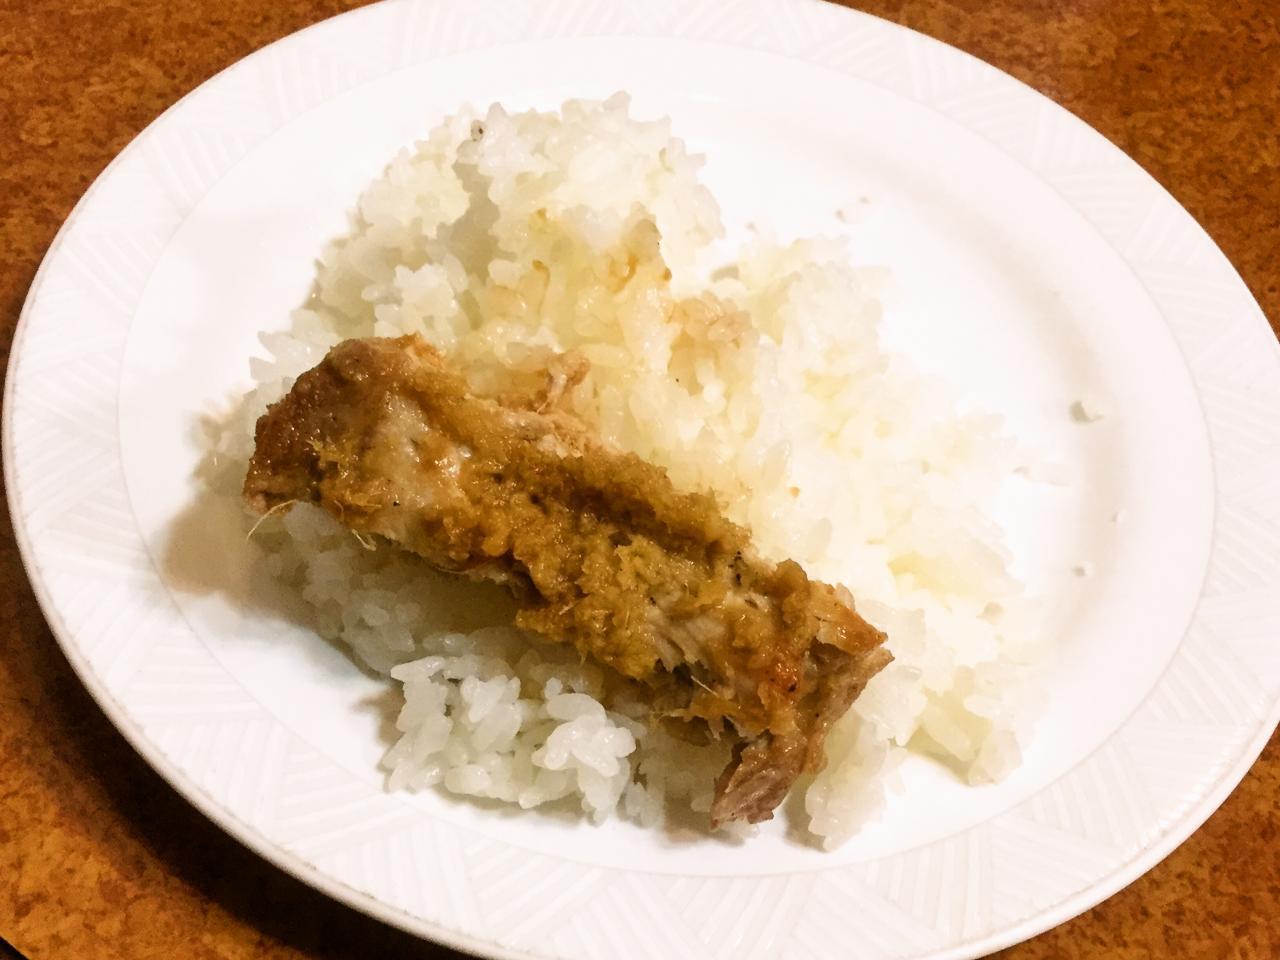 昔ながらの洋食屋 ぐりる スズコウ(超特大生姜焼きセット)